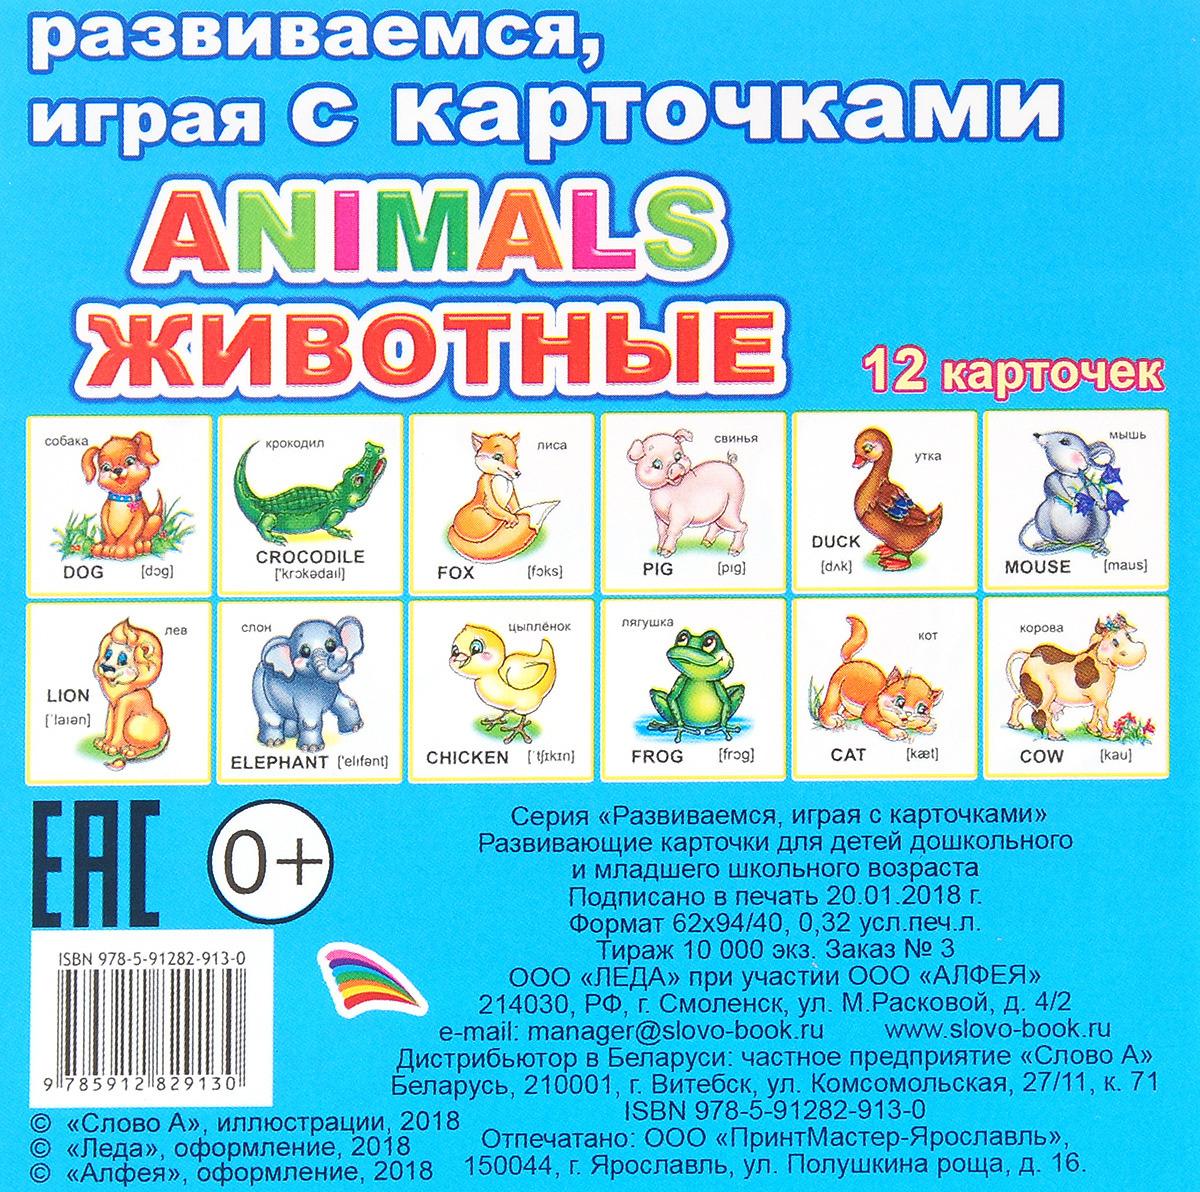 Animals животные. Обучающие карточки